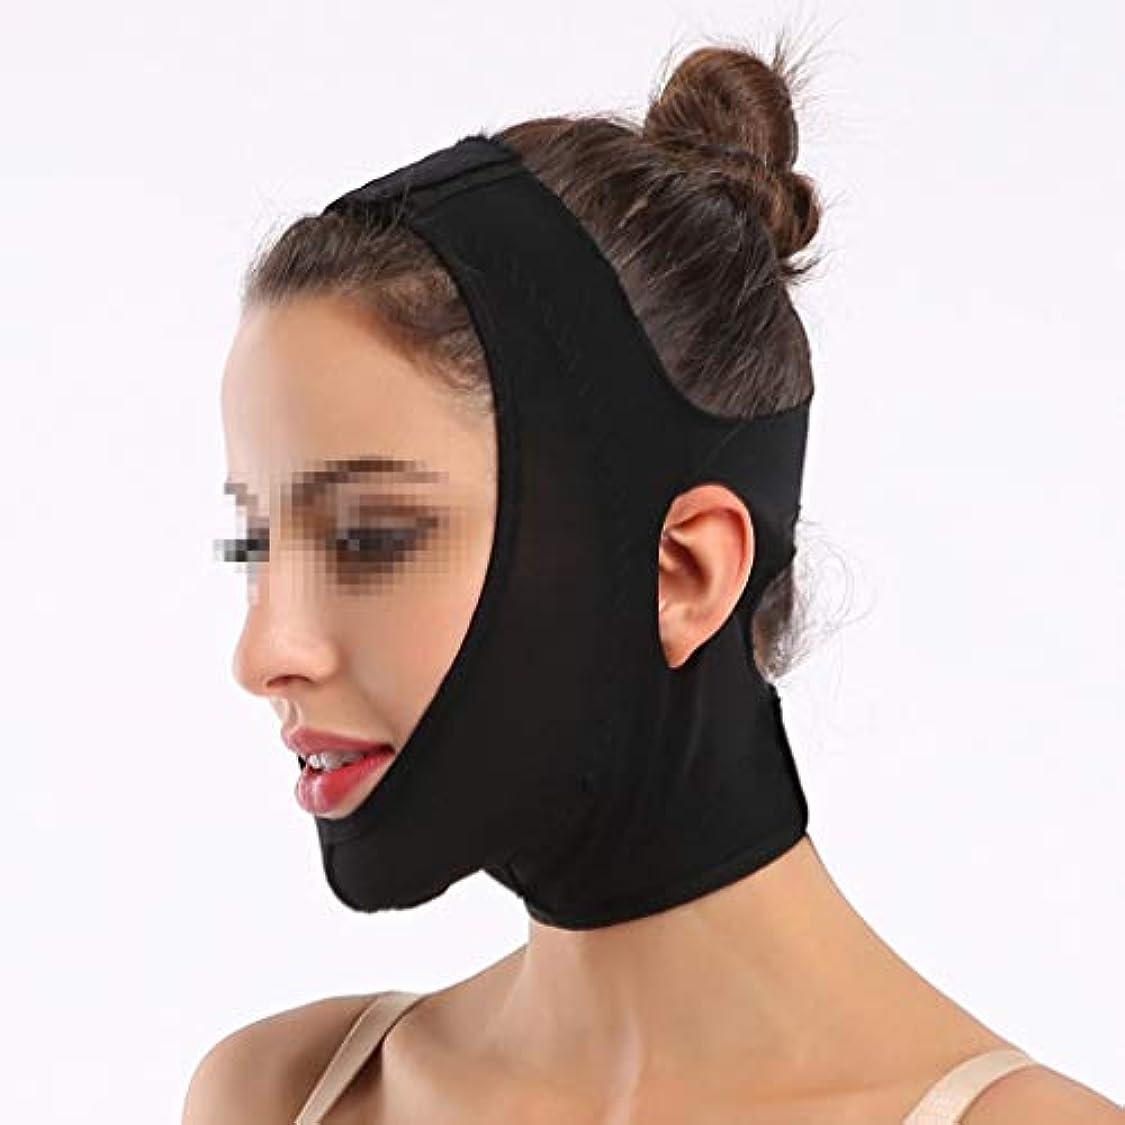 バルセロナトリムかどうかXHLMRMJ Vフェイスマスク、包帯マスクを持ち上げて引き締めるスキニービューティーサロン1日2時間Vフェイスマッサージ術後回復